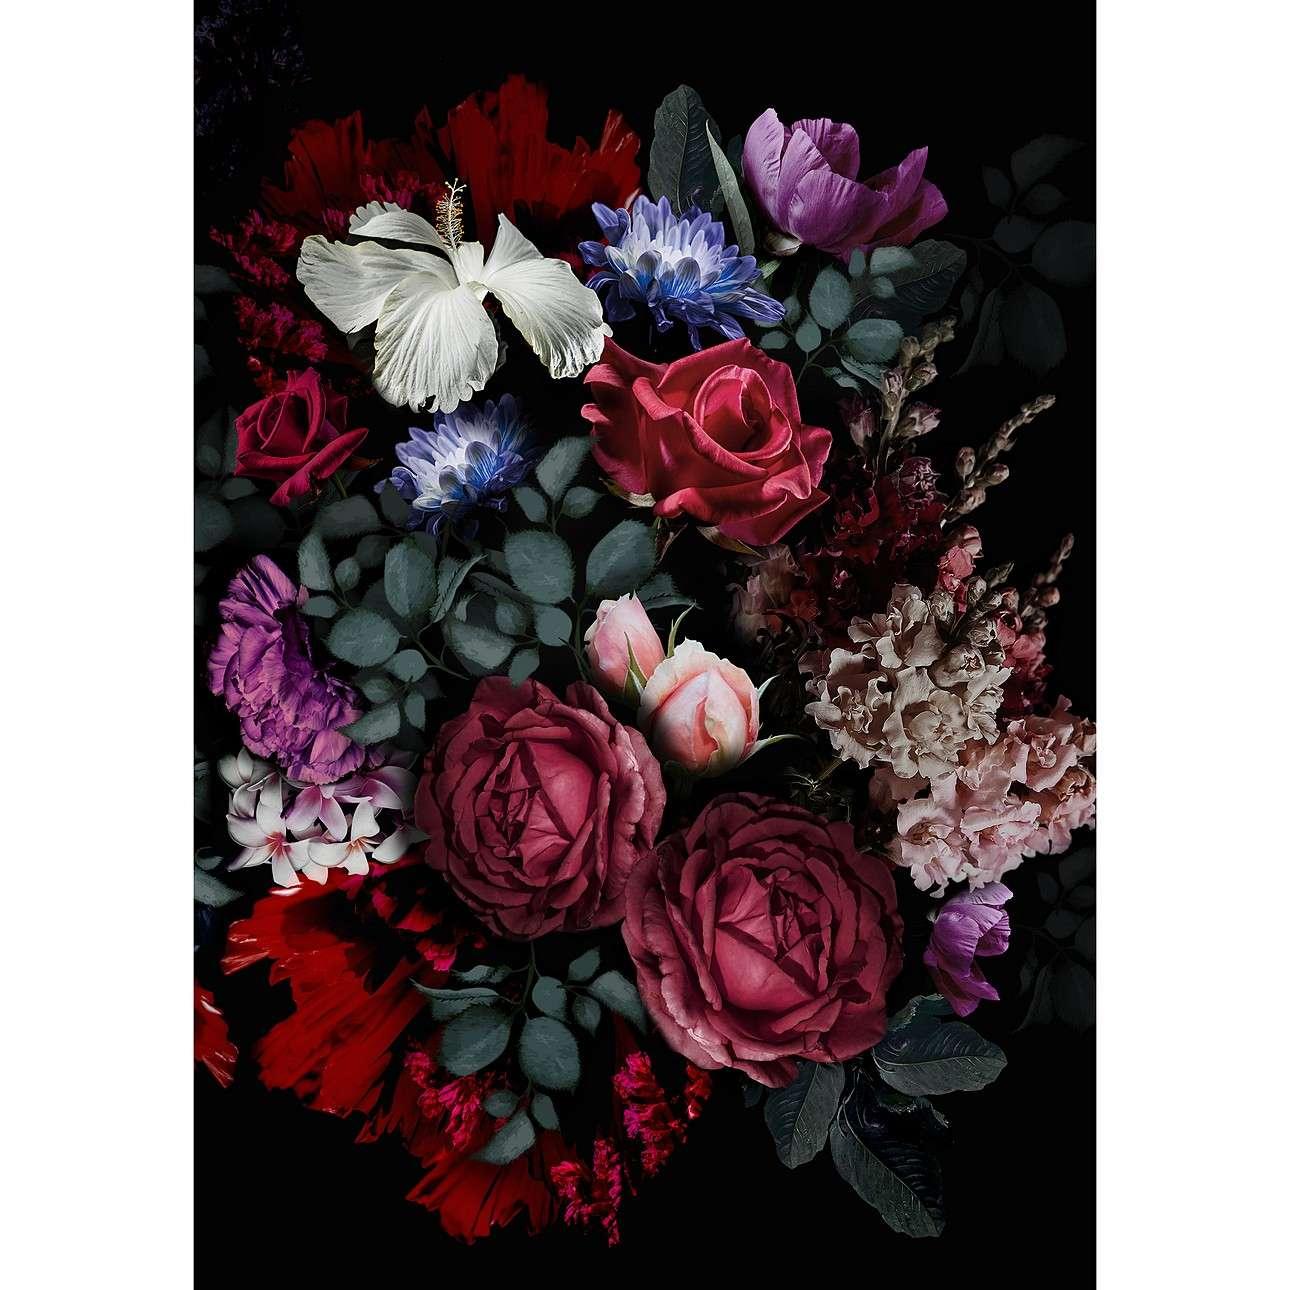 Obraz na płátně Flowers II